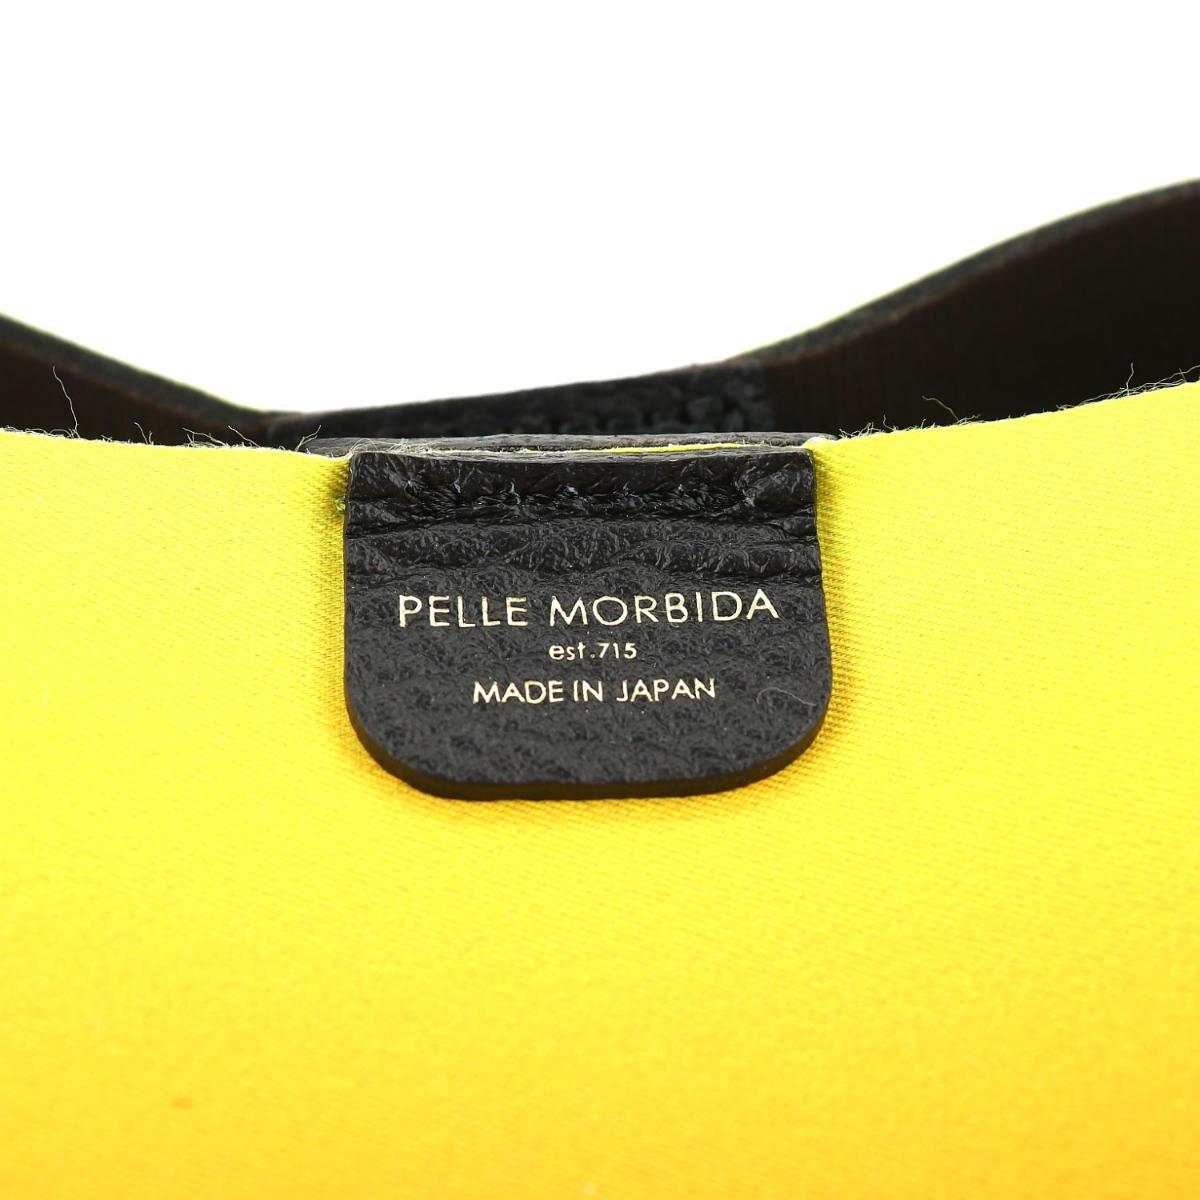 ペッレモルビダ PELLE MORBIDA 撥水 ボンディング加工 トートバッグ ハンドバッグ Tela Marina PMO-TE007BVA PMO GRADATION(グラデーション) 春夏新作